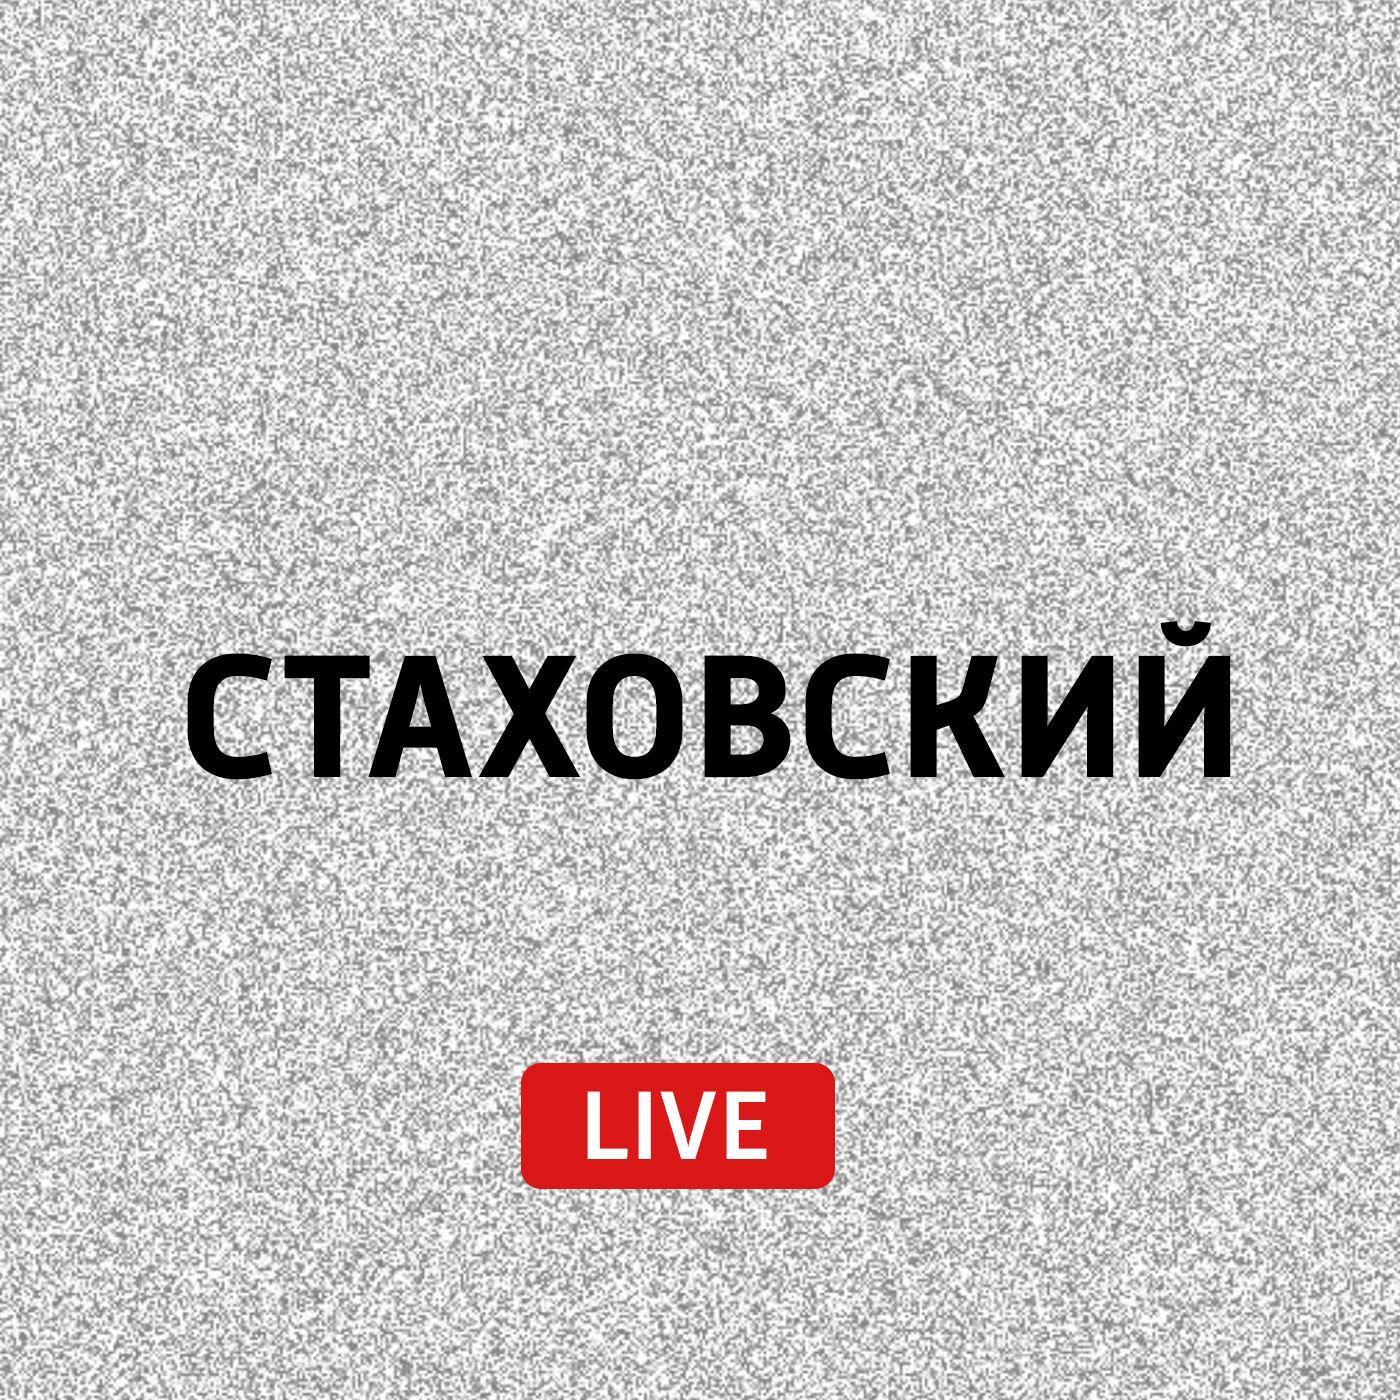 Евгений Стаховский Национальный дух в кино, ароматы, выбор в жизни